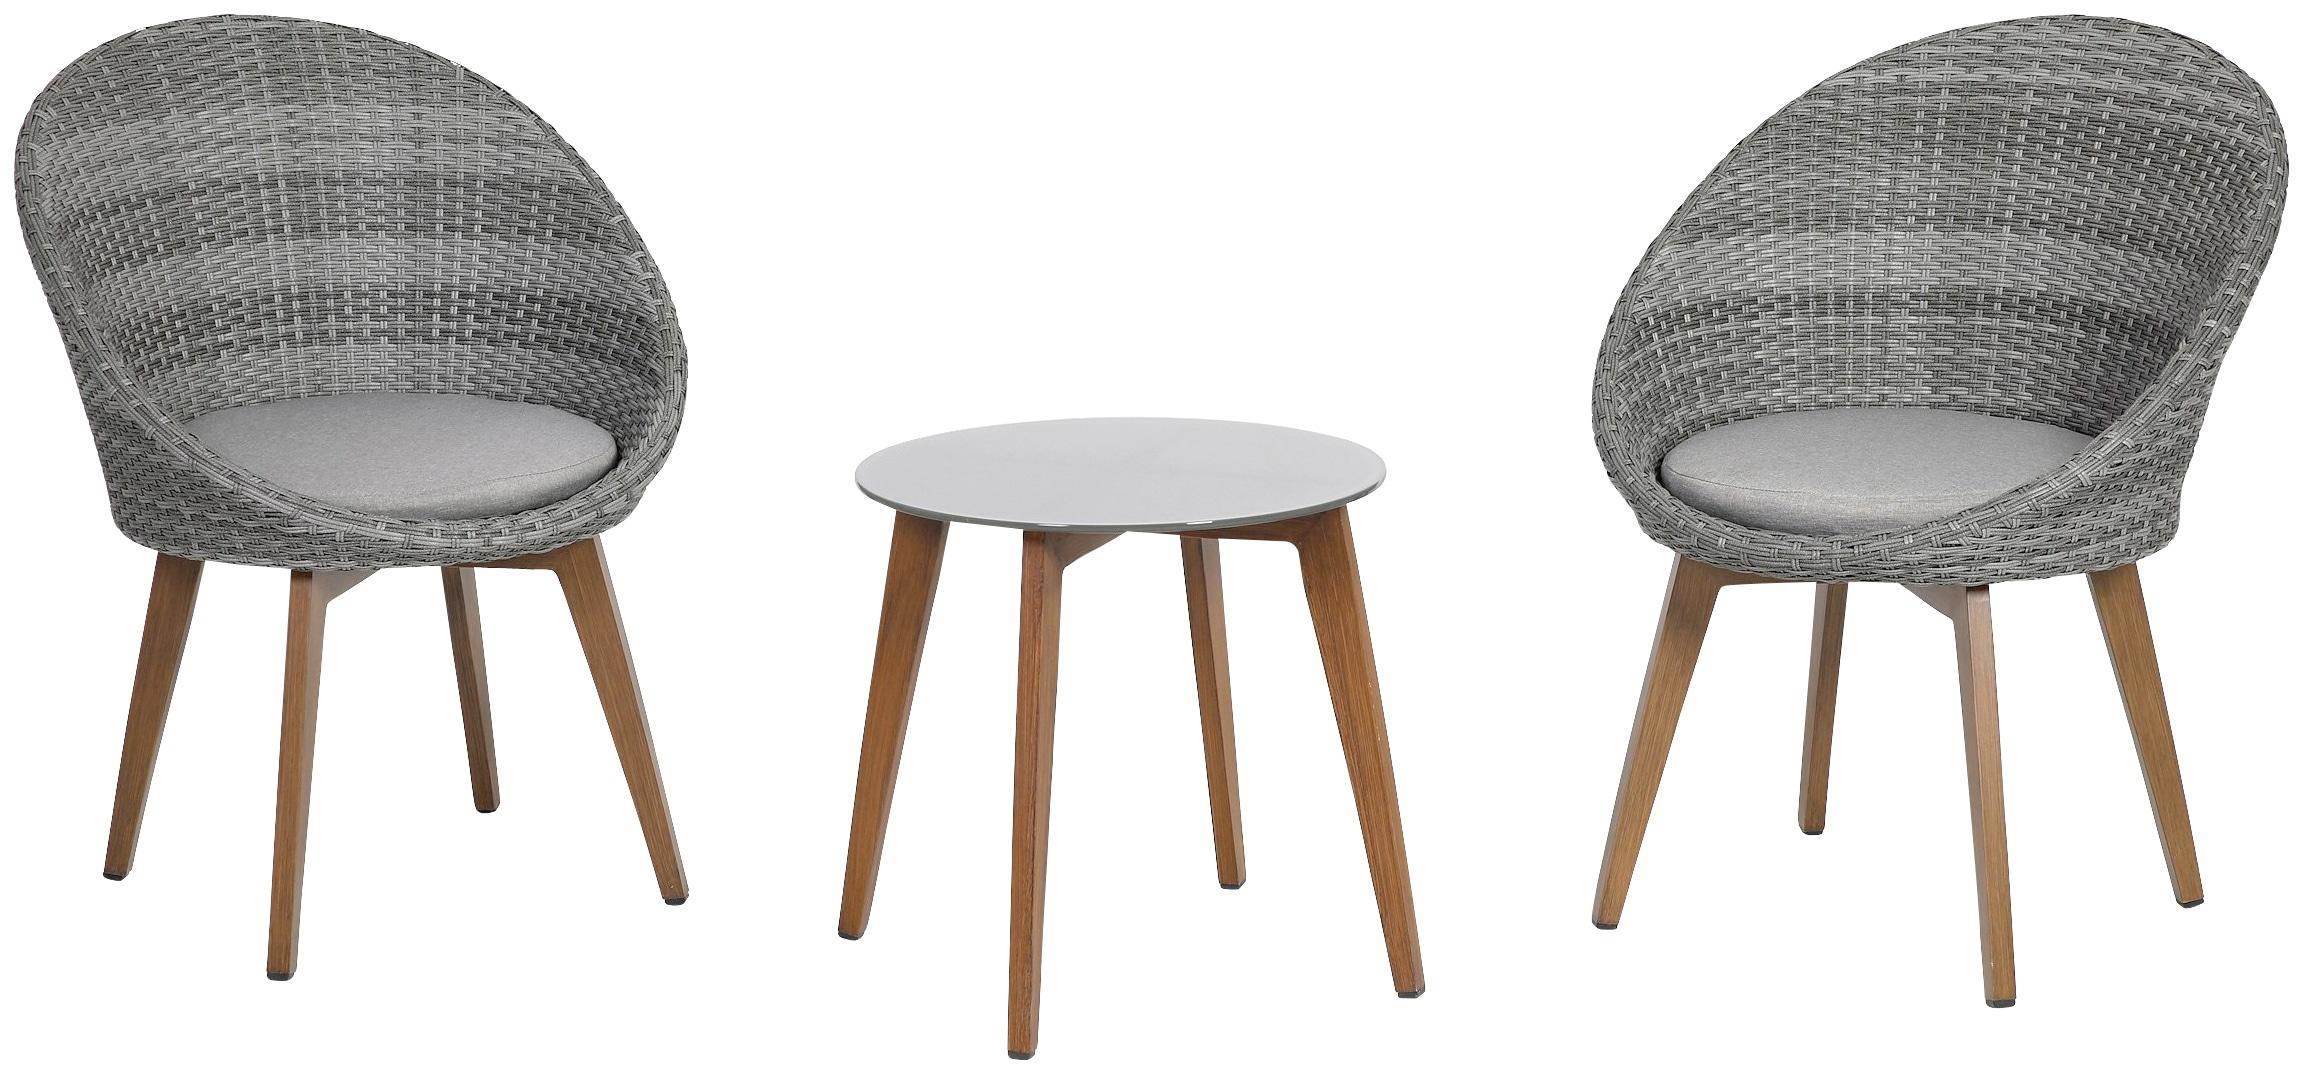 GREEMOTION Gartenmöbelset Auckland 3 tlg 2 Sessel Tisch inkl Auflagen